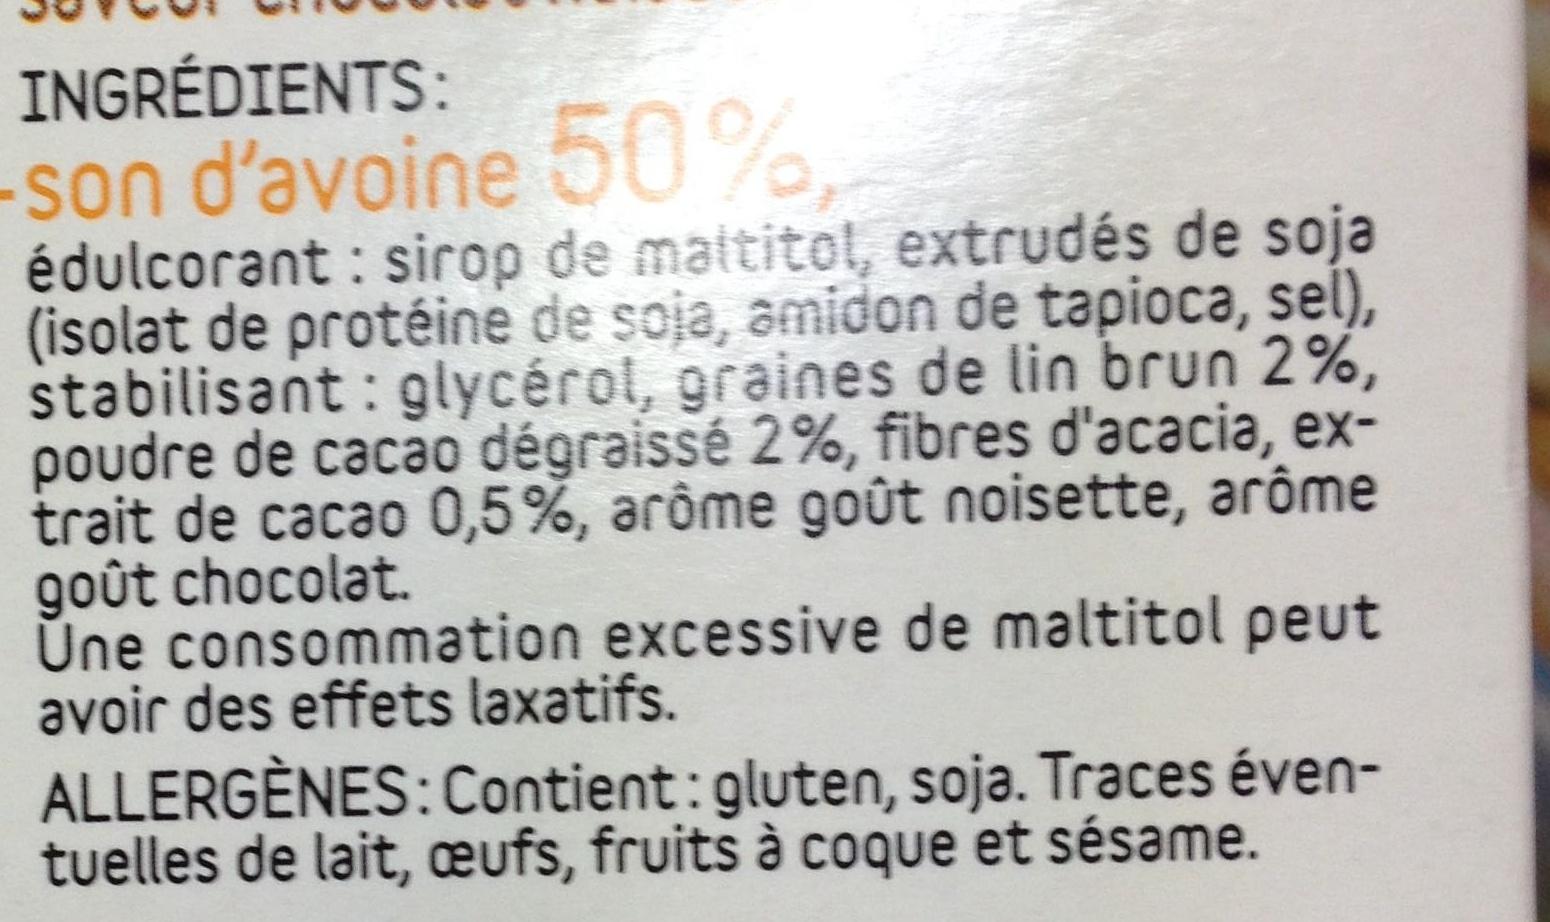 Barres de son d'avoine chocolat noisette - Ingredientes